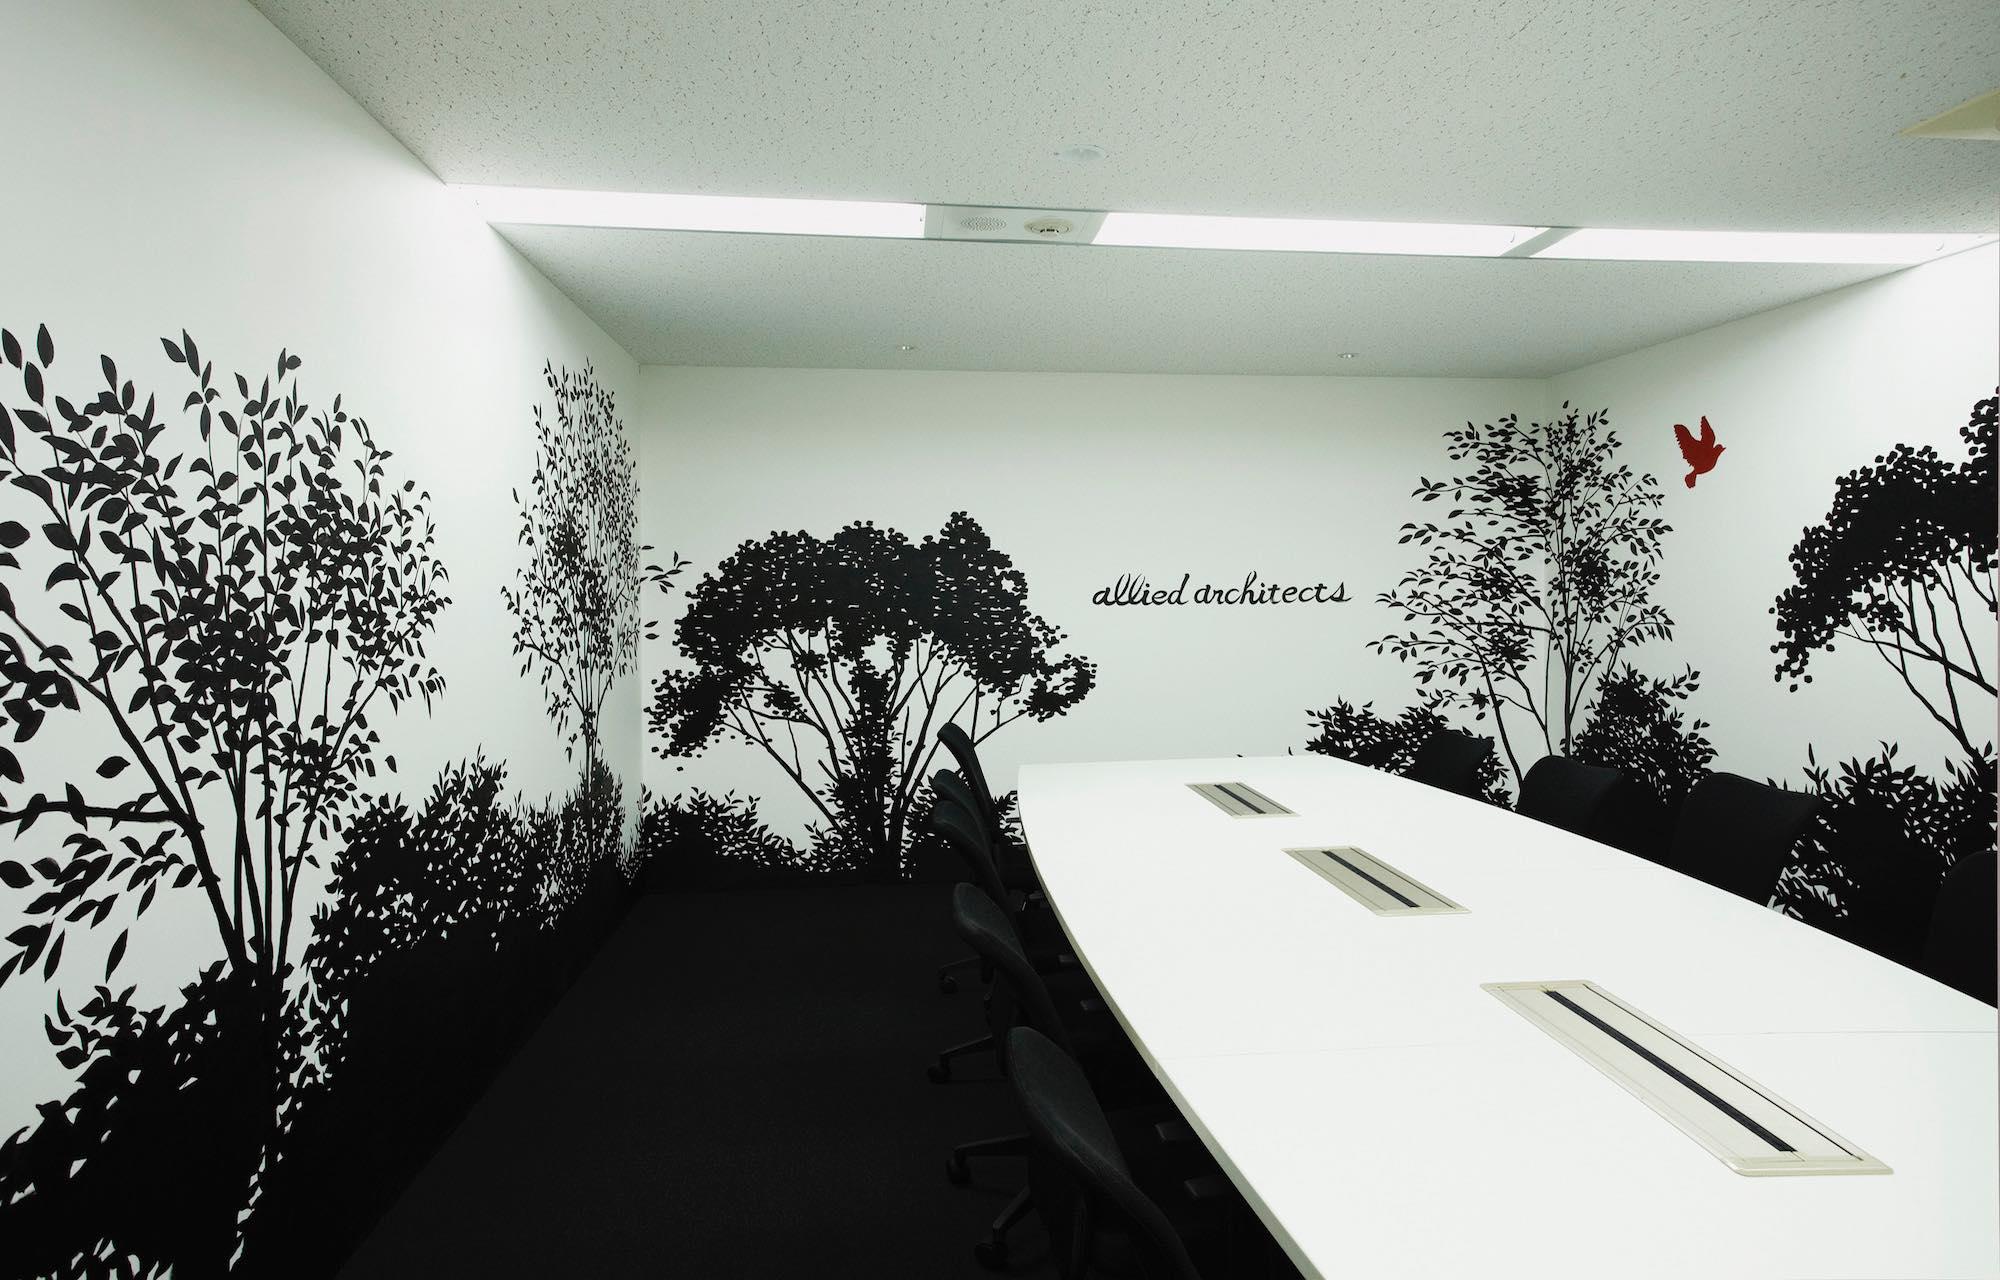 アライドアーキテクツ株式会社 Meeting Room デザイン・レイアウト事例